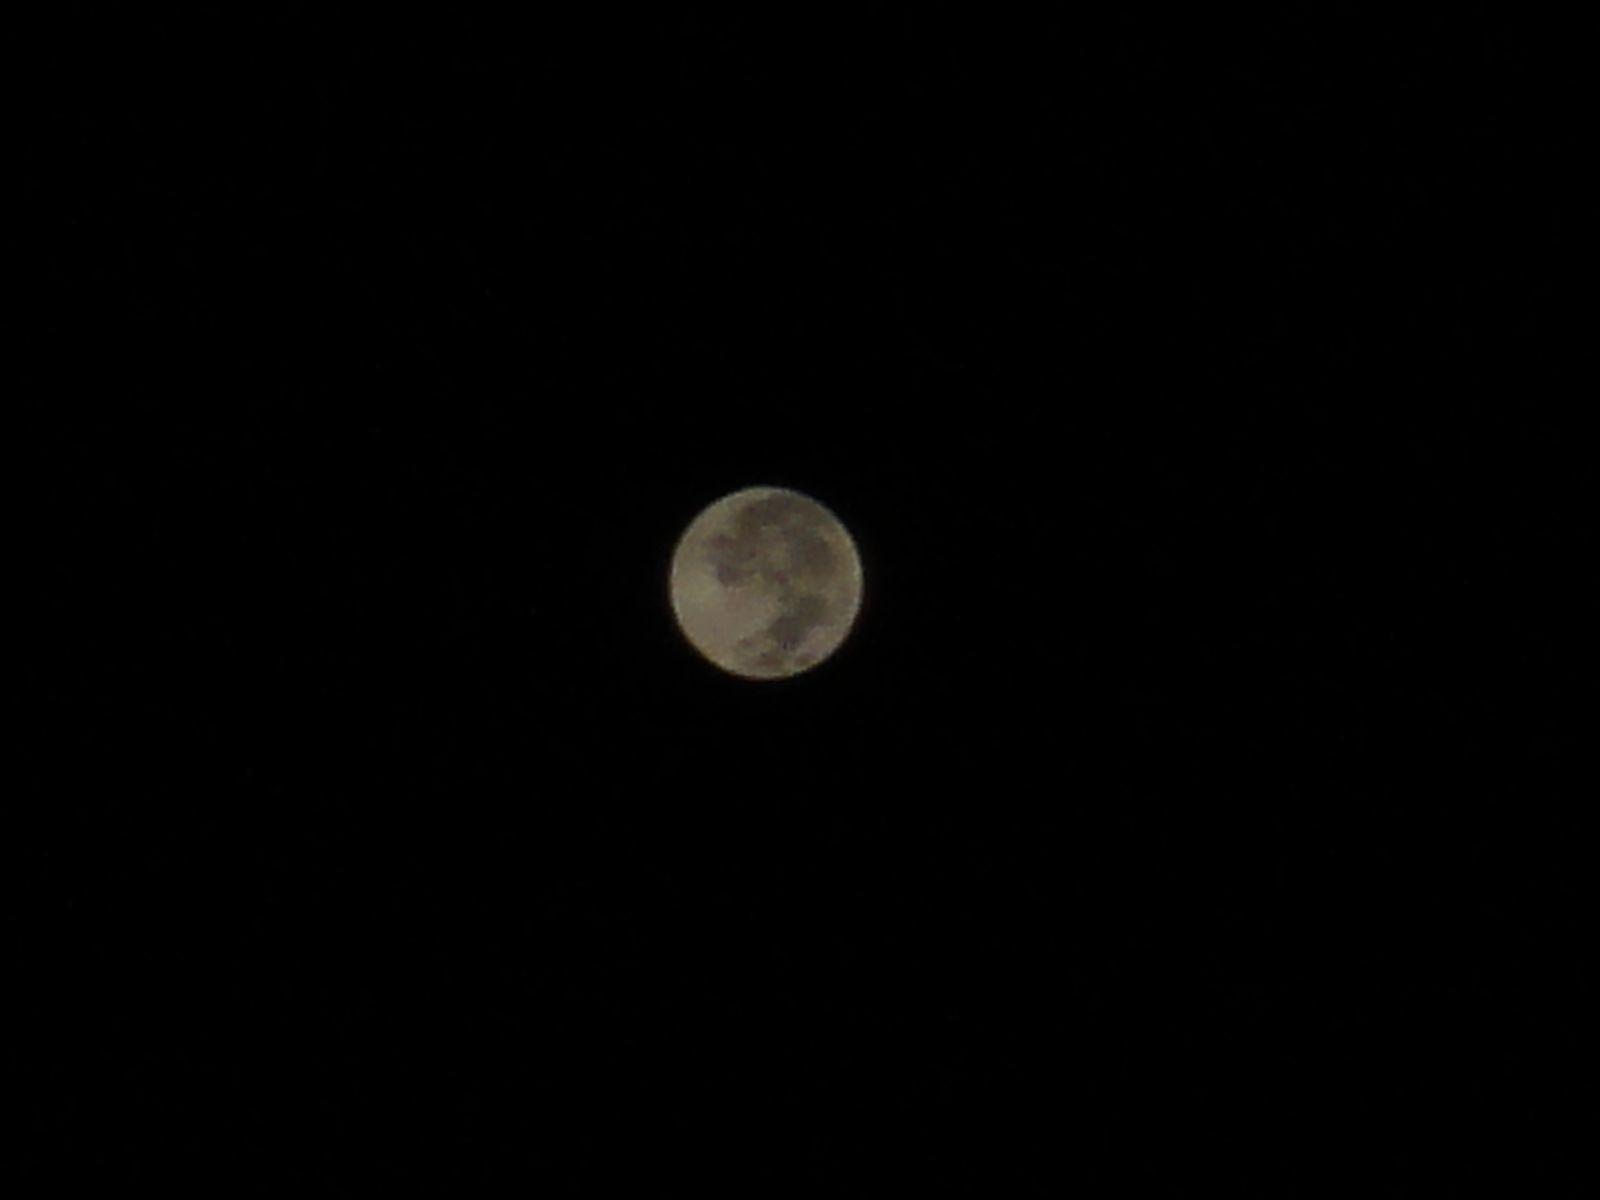 lunar_eclipse_182.jpg